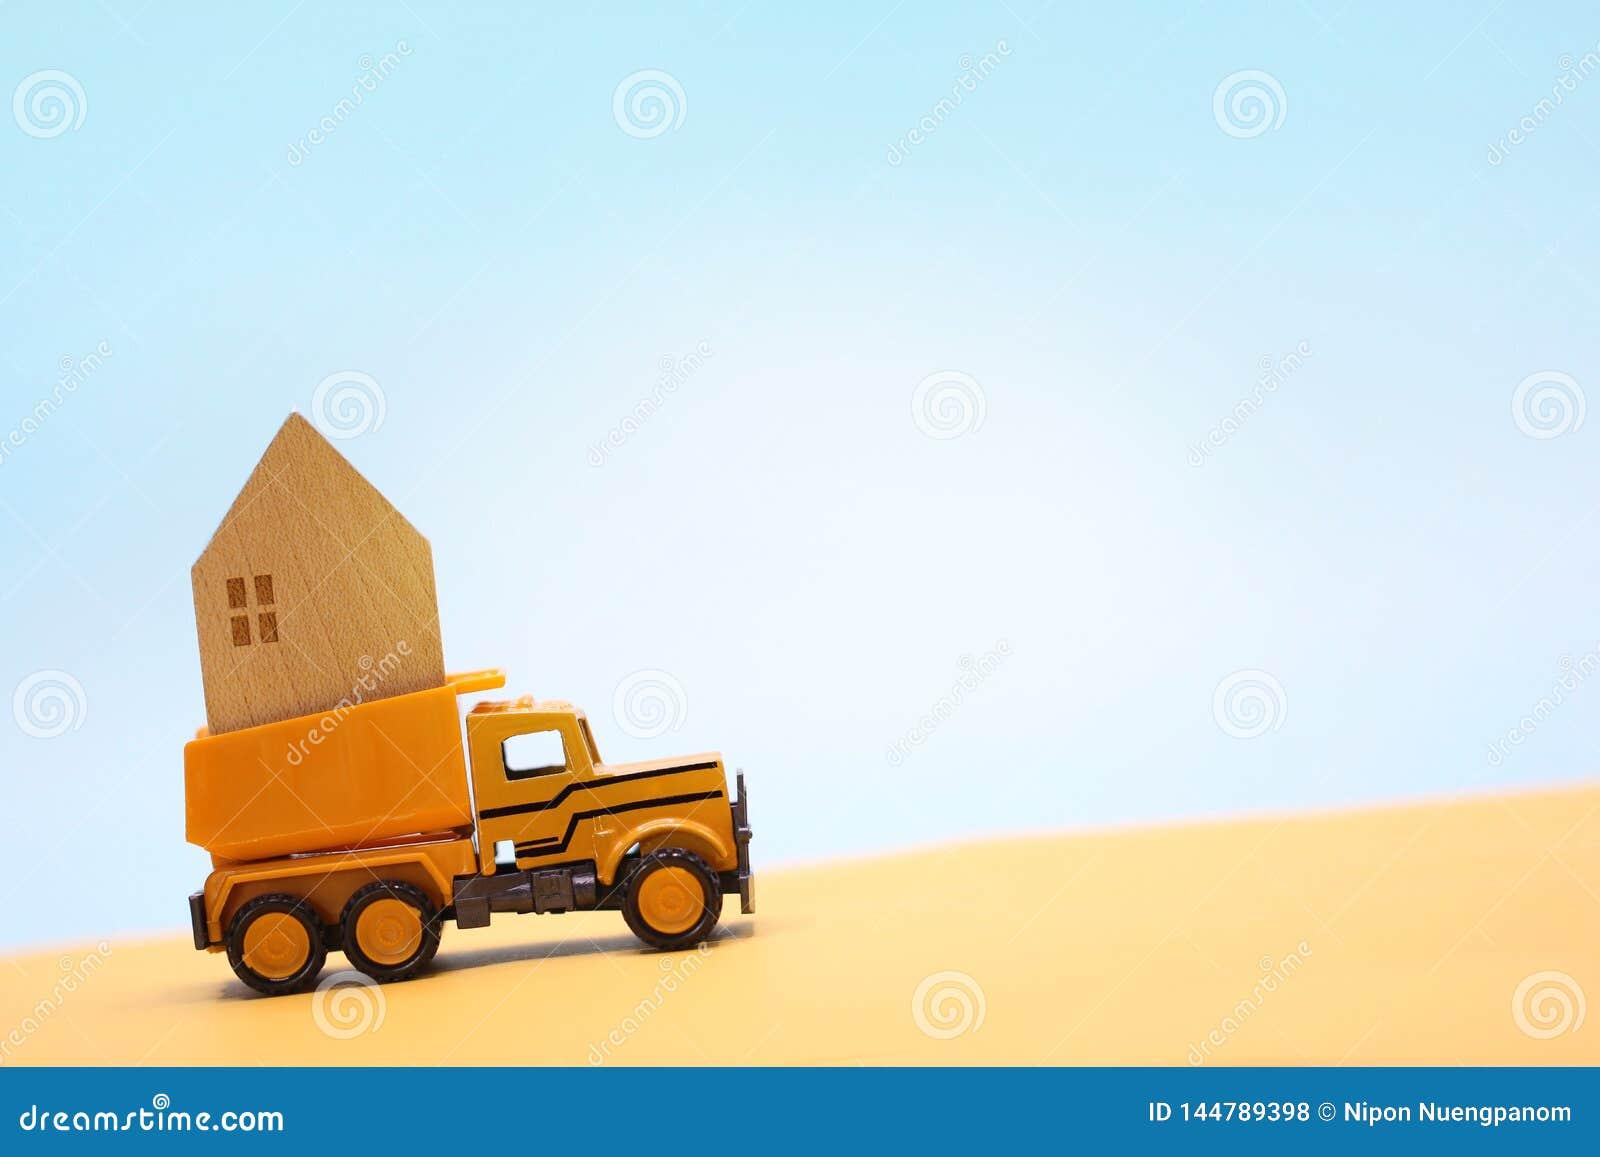 La maison en bois continuent le camion jaune de jouet dans le d?sert sous le ciel bleu